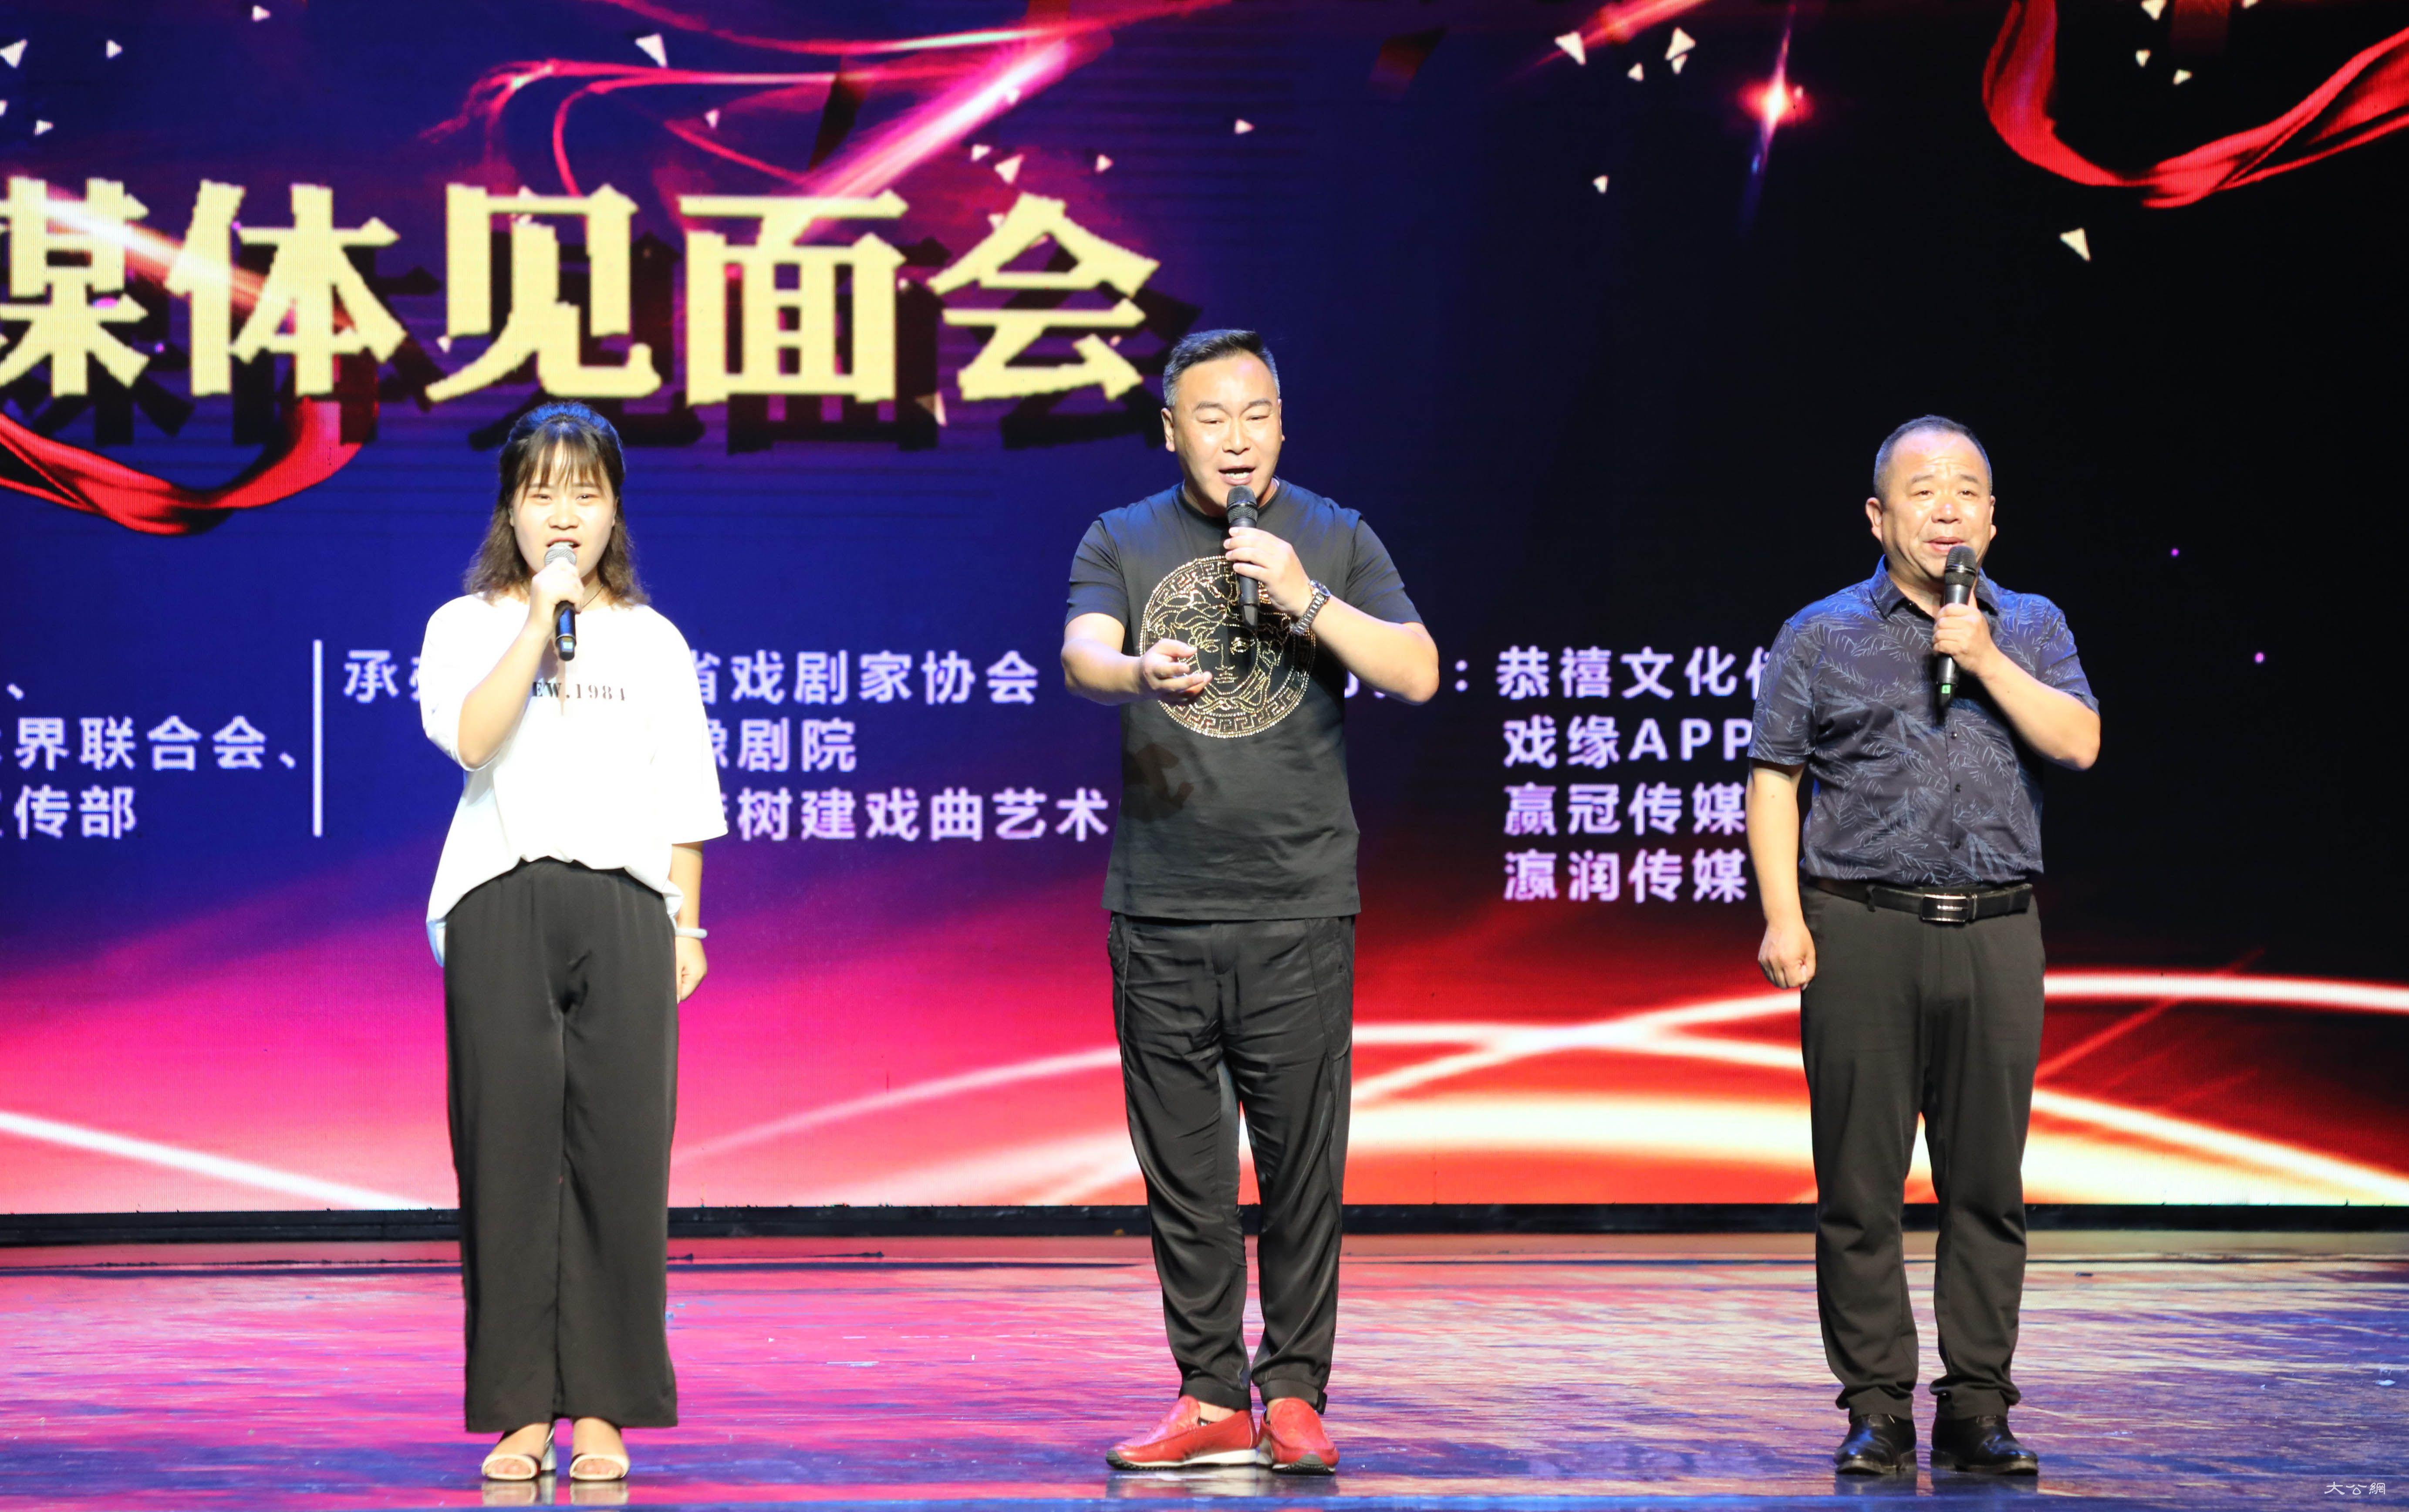 全國十家民營劇團將展演鄭州